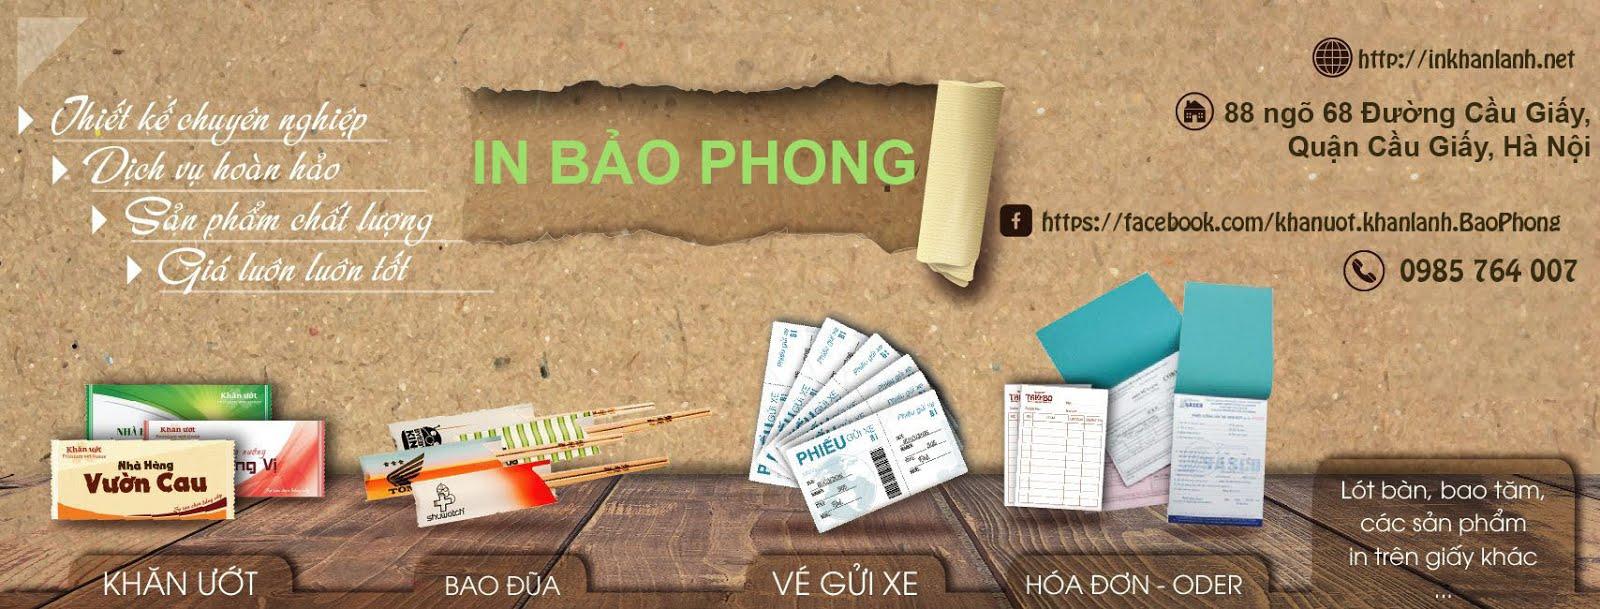 In Khăn lạnh, Khăn ướt vỏ Bao đũa giá rẻ tại Hà Nội.